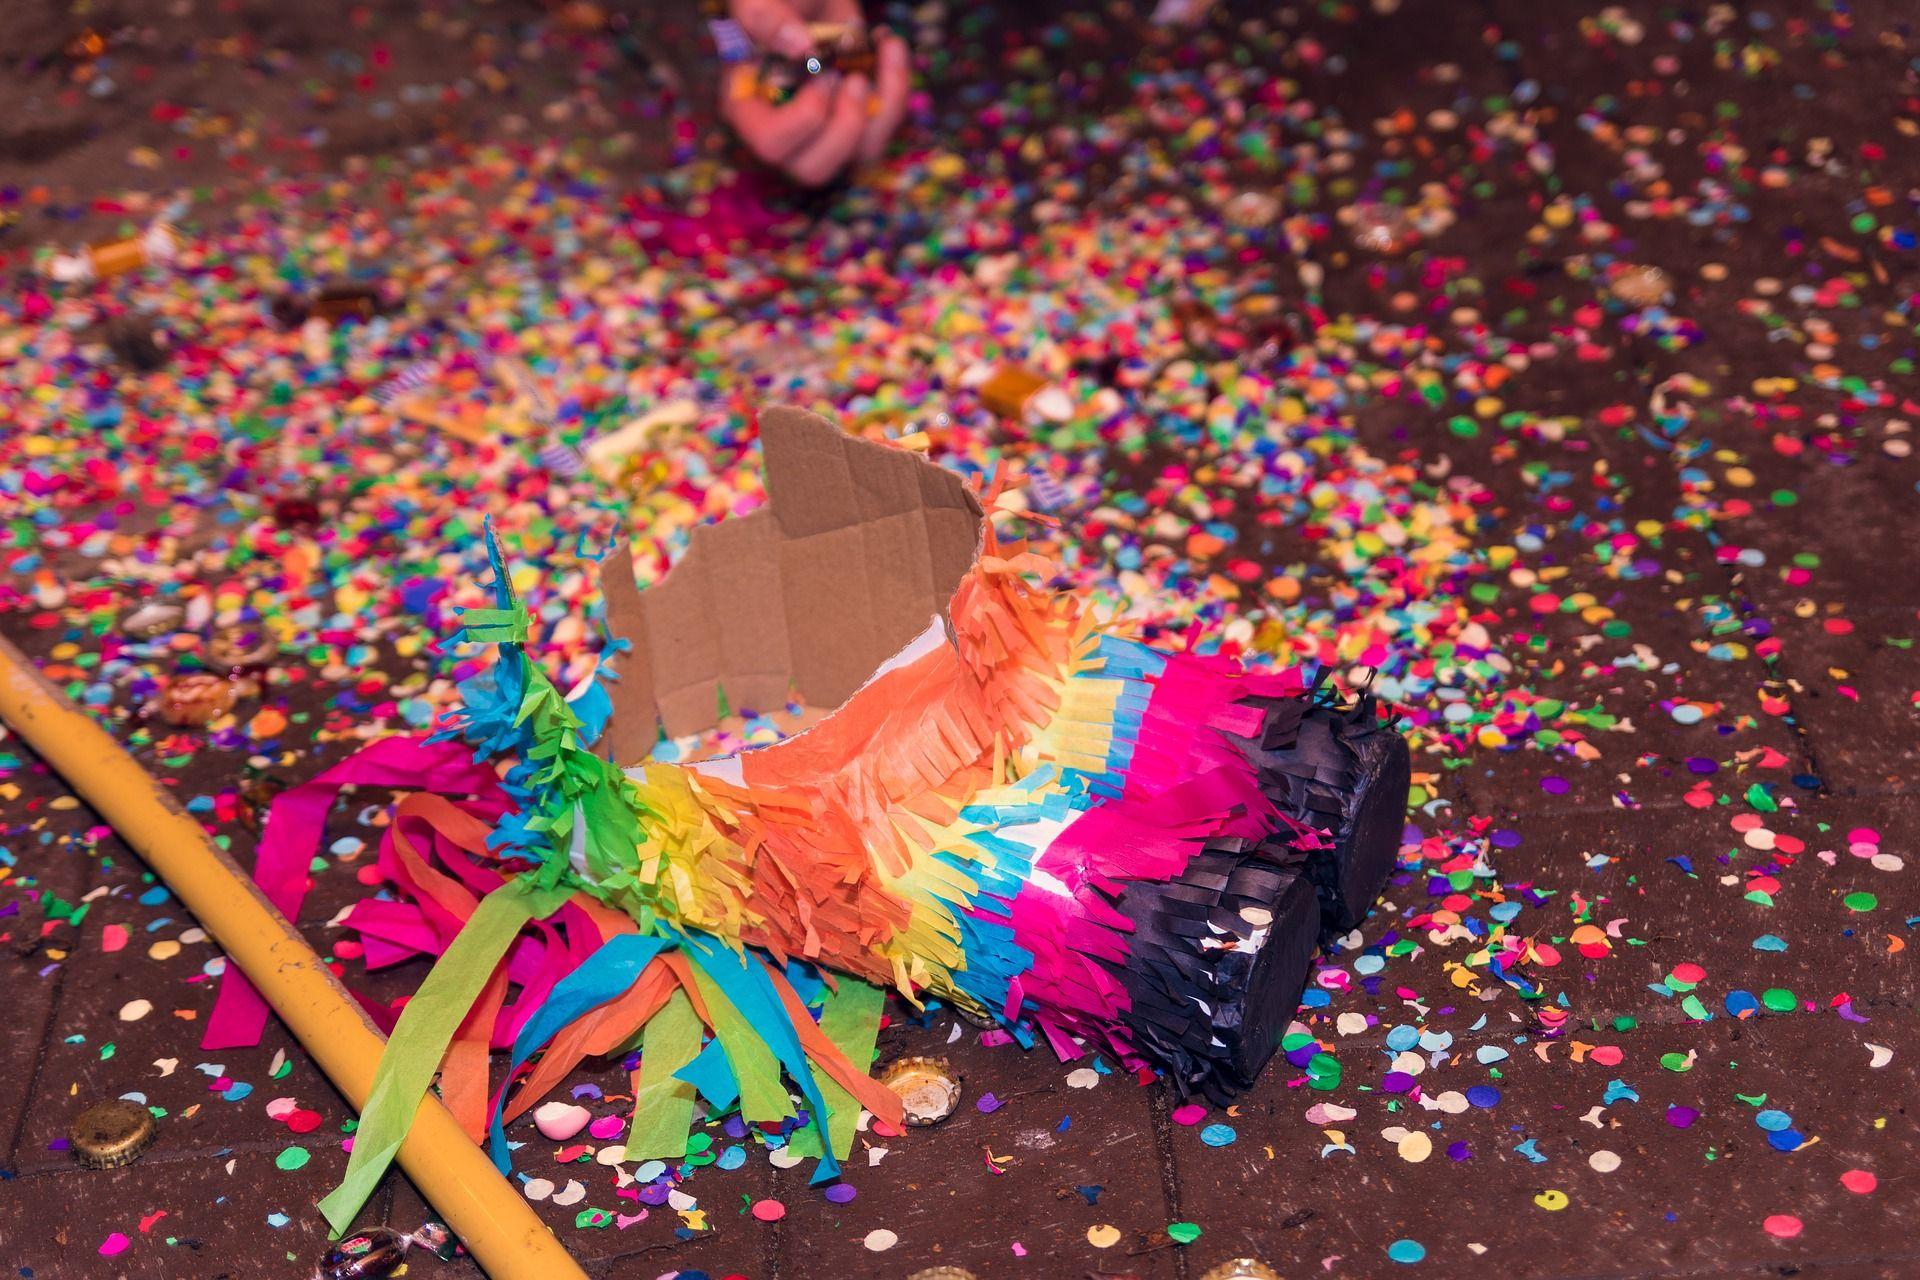 Llena la fiesta de piñatas y dulces